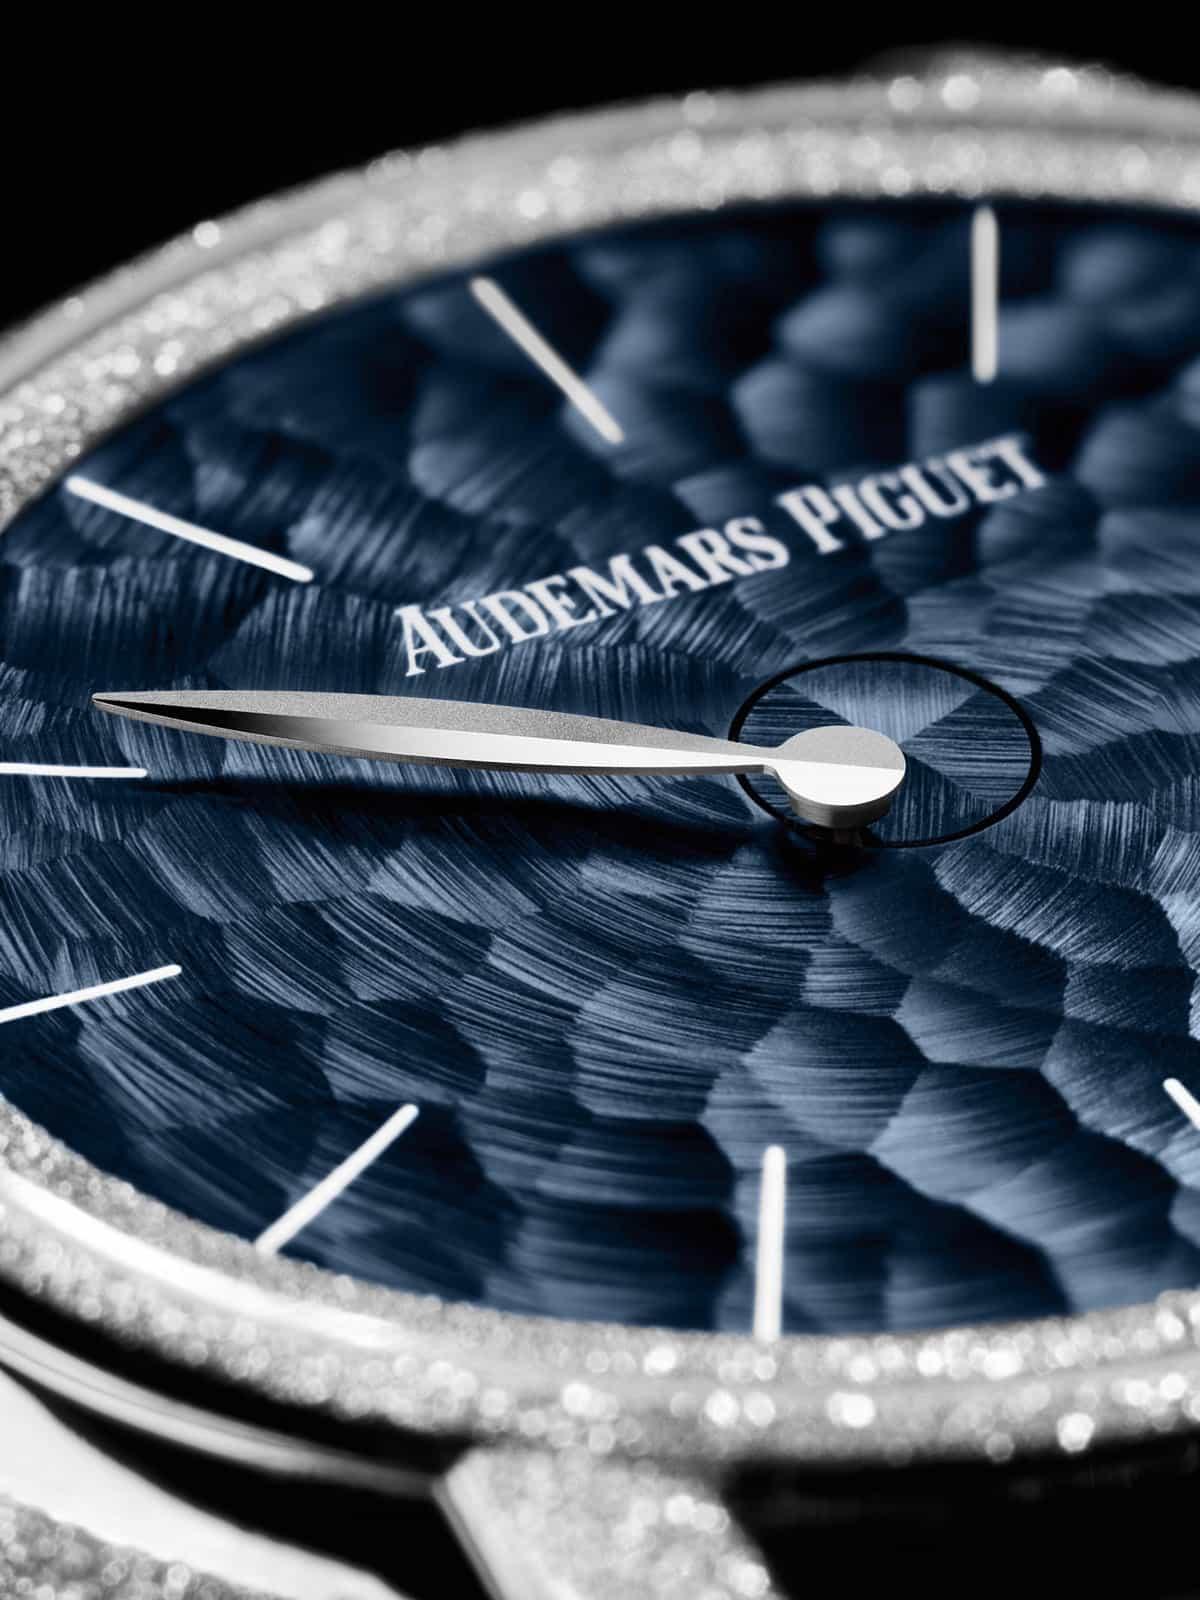 Audemars Piguet Millenary Frosted Gold Philosophique 5